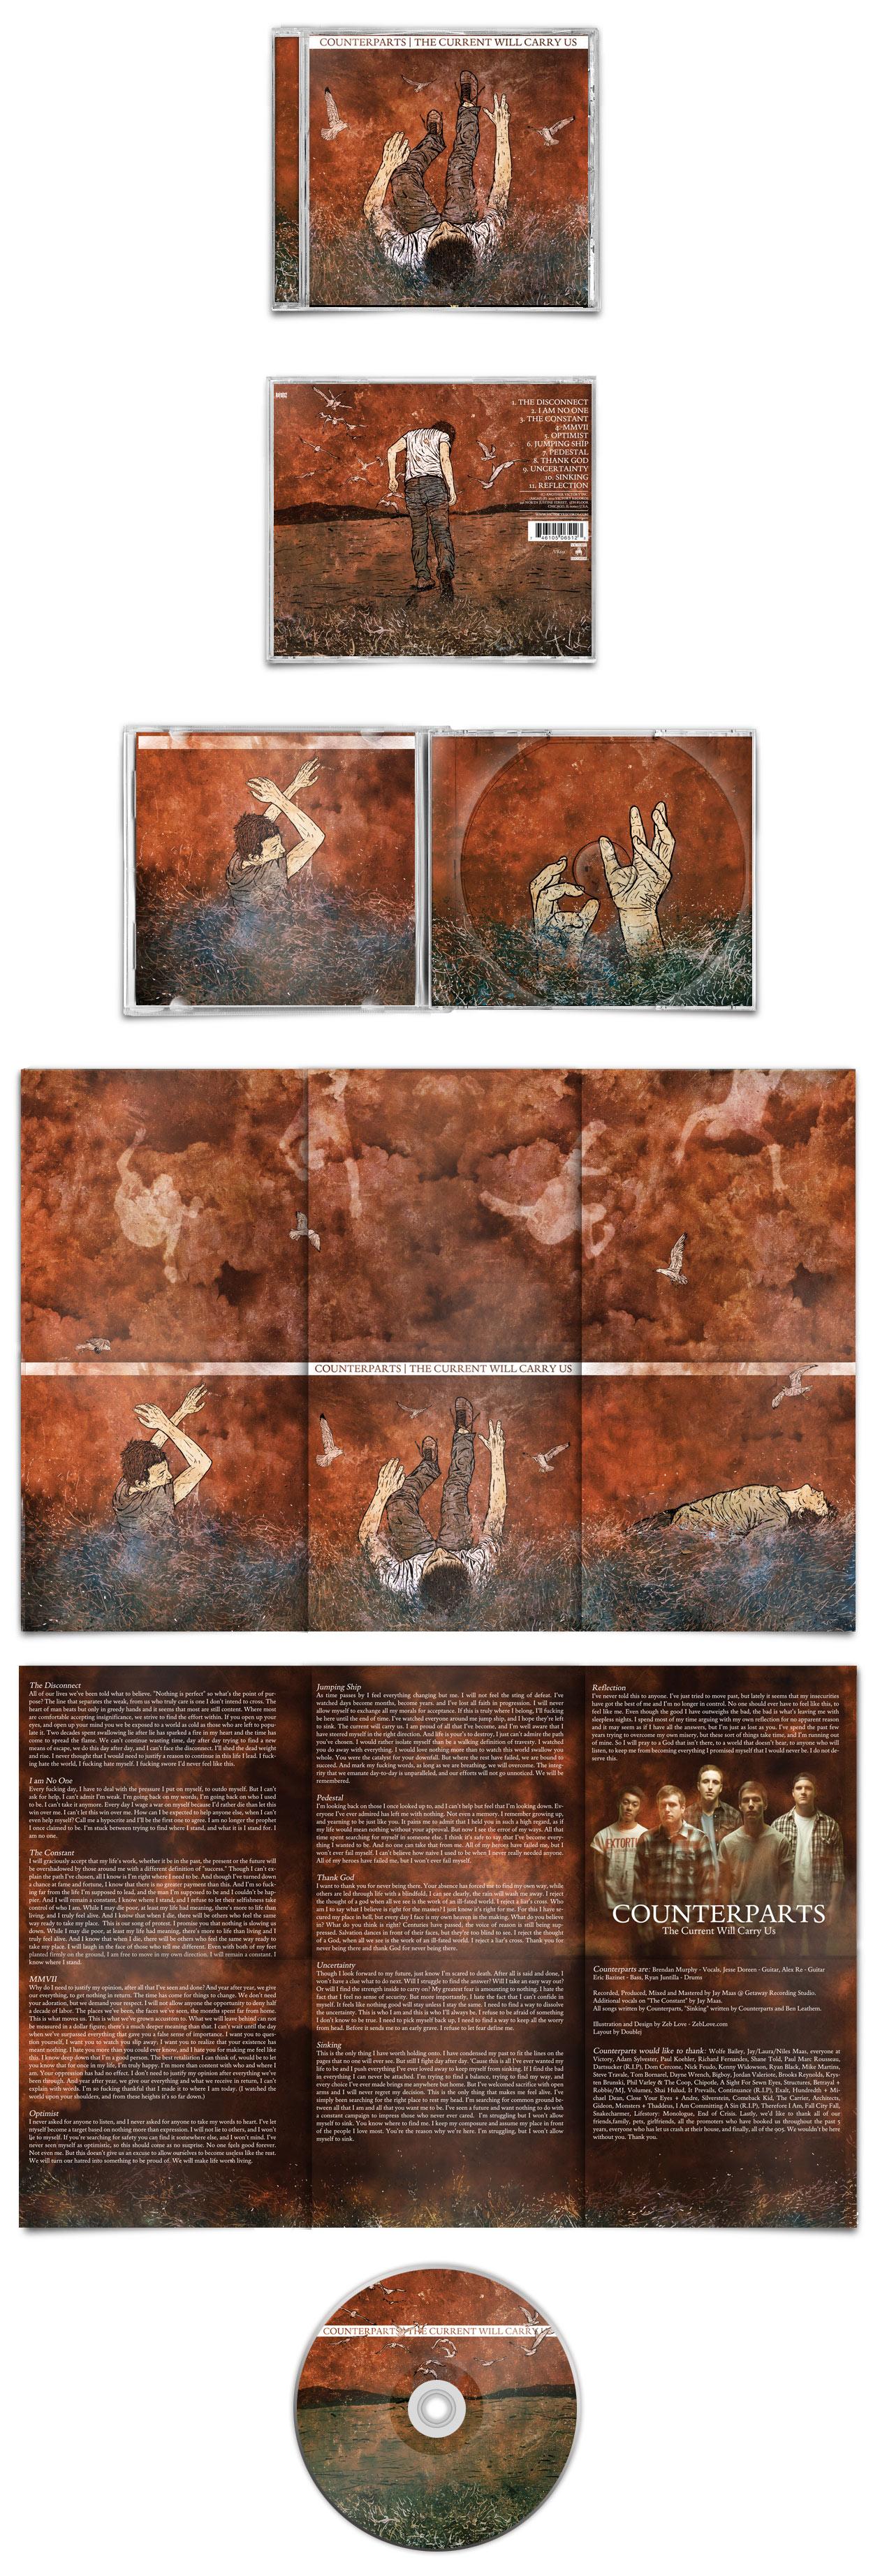 Counterparts CD Art by xzebulonx